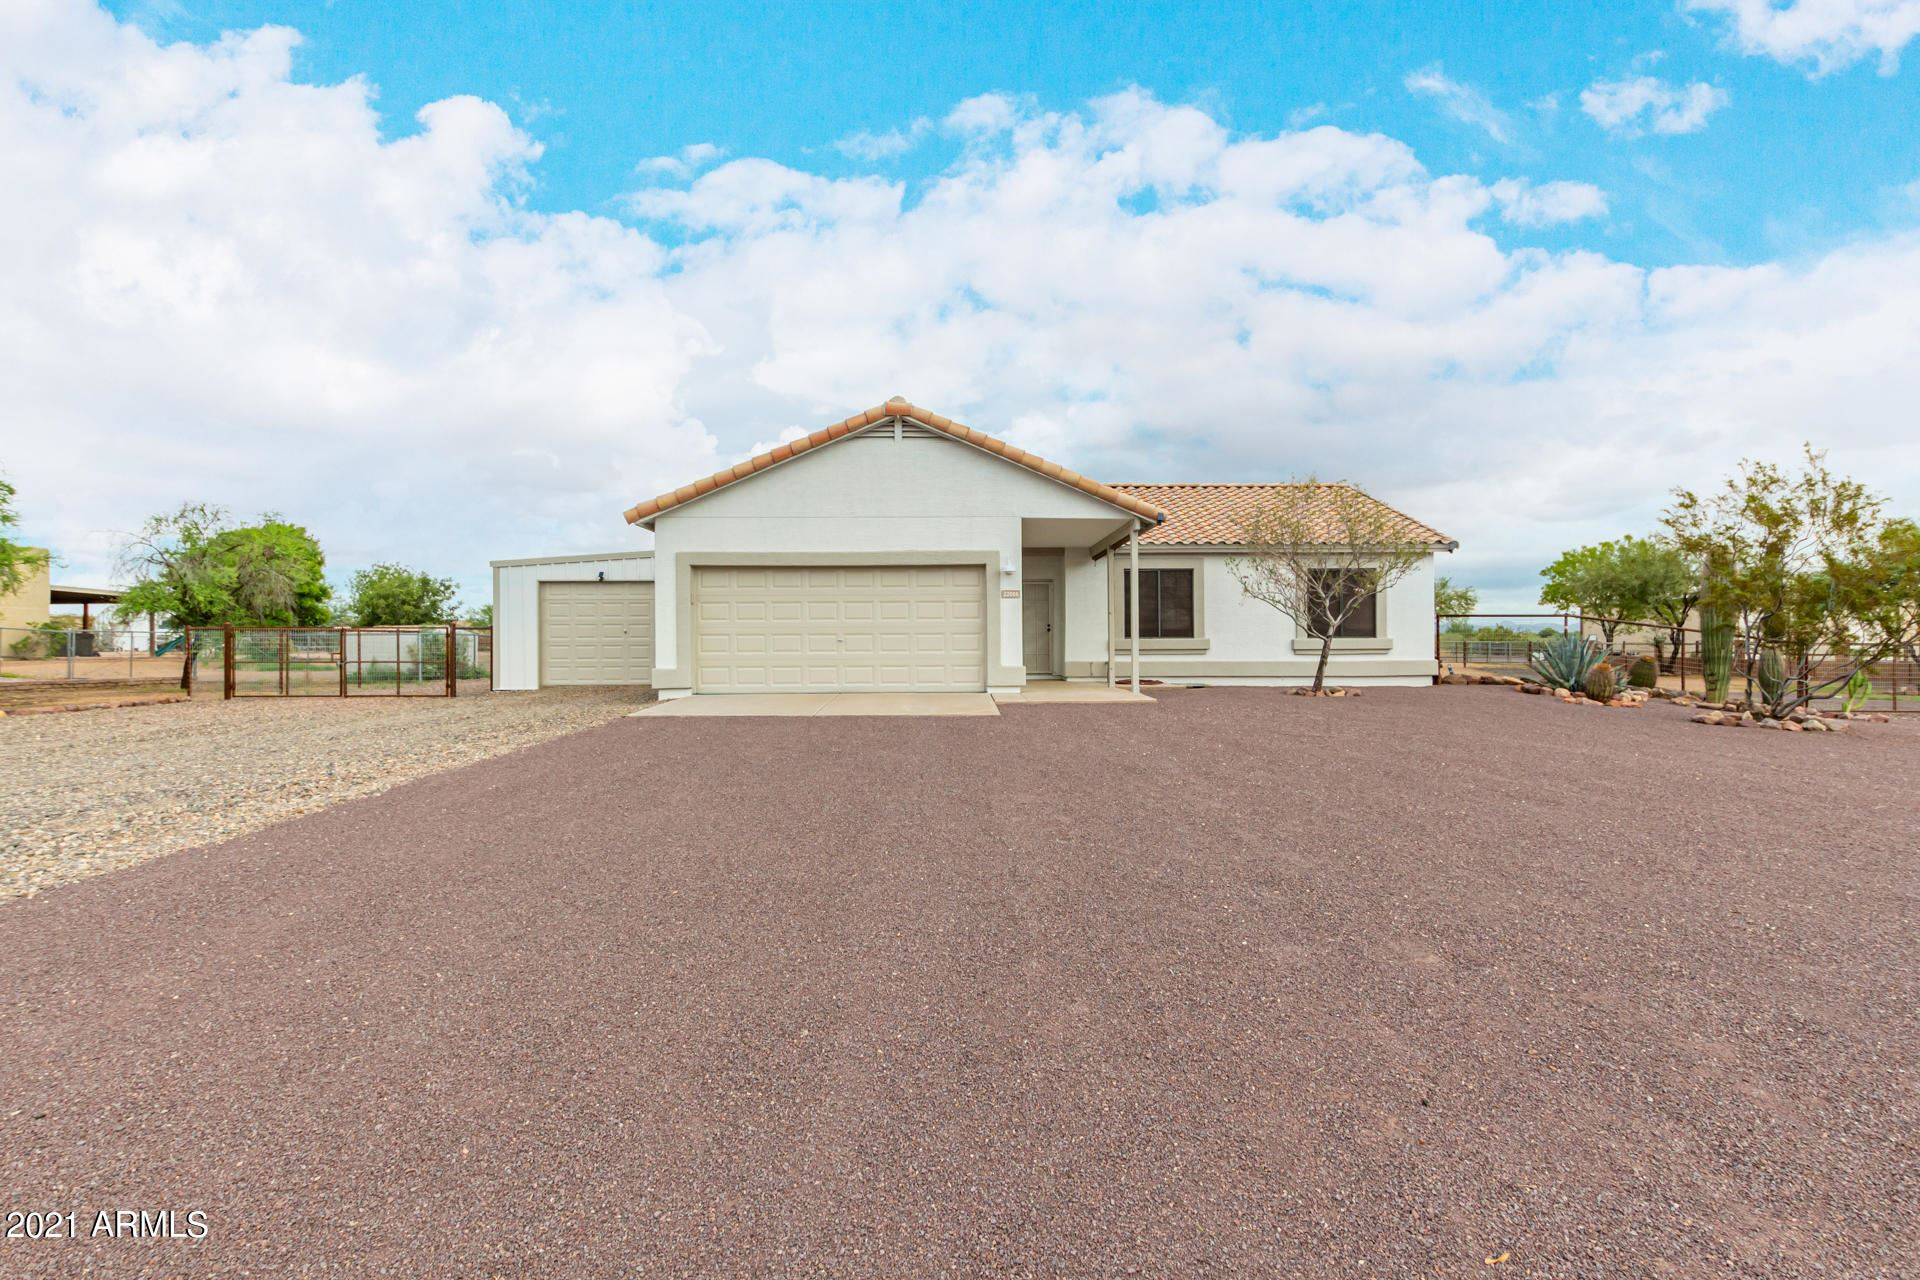 Photo of 22006 W BEACON Lane, Wittmann, AZ 85361 (MLS # 6271314)